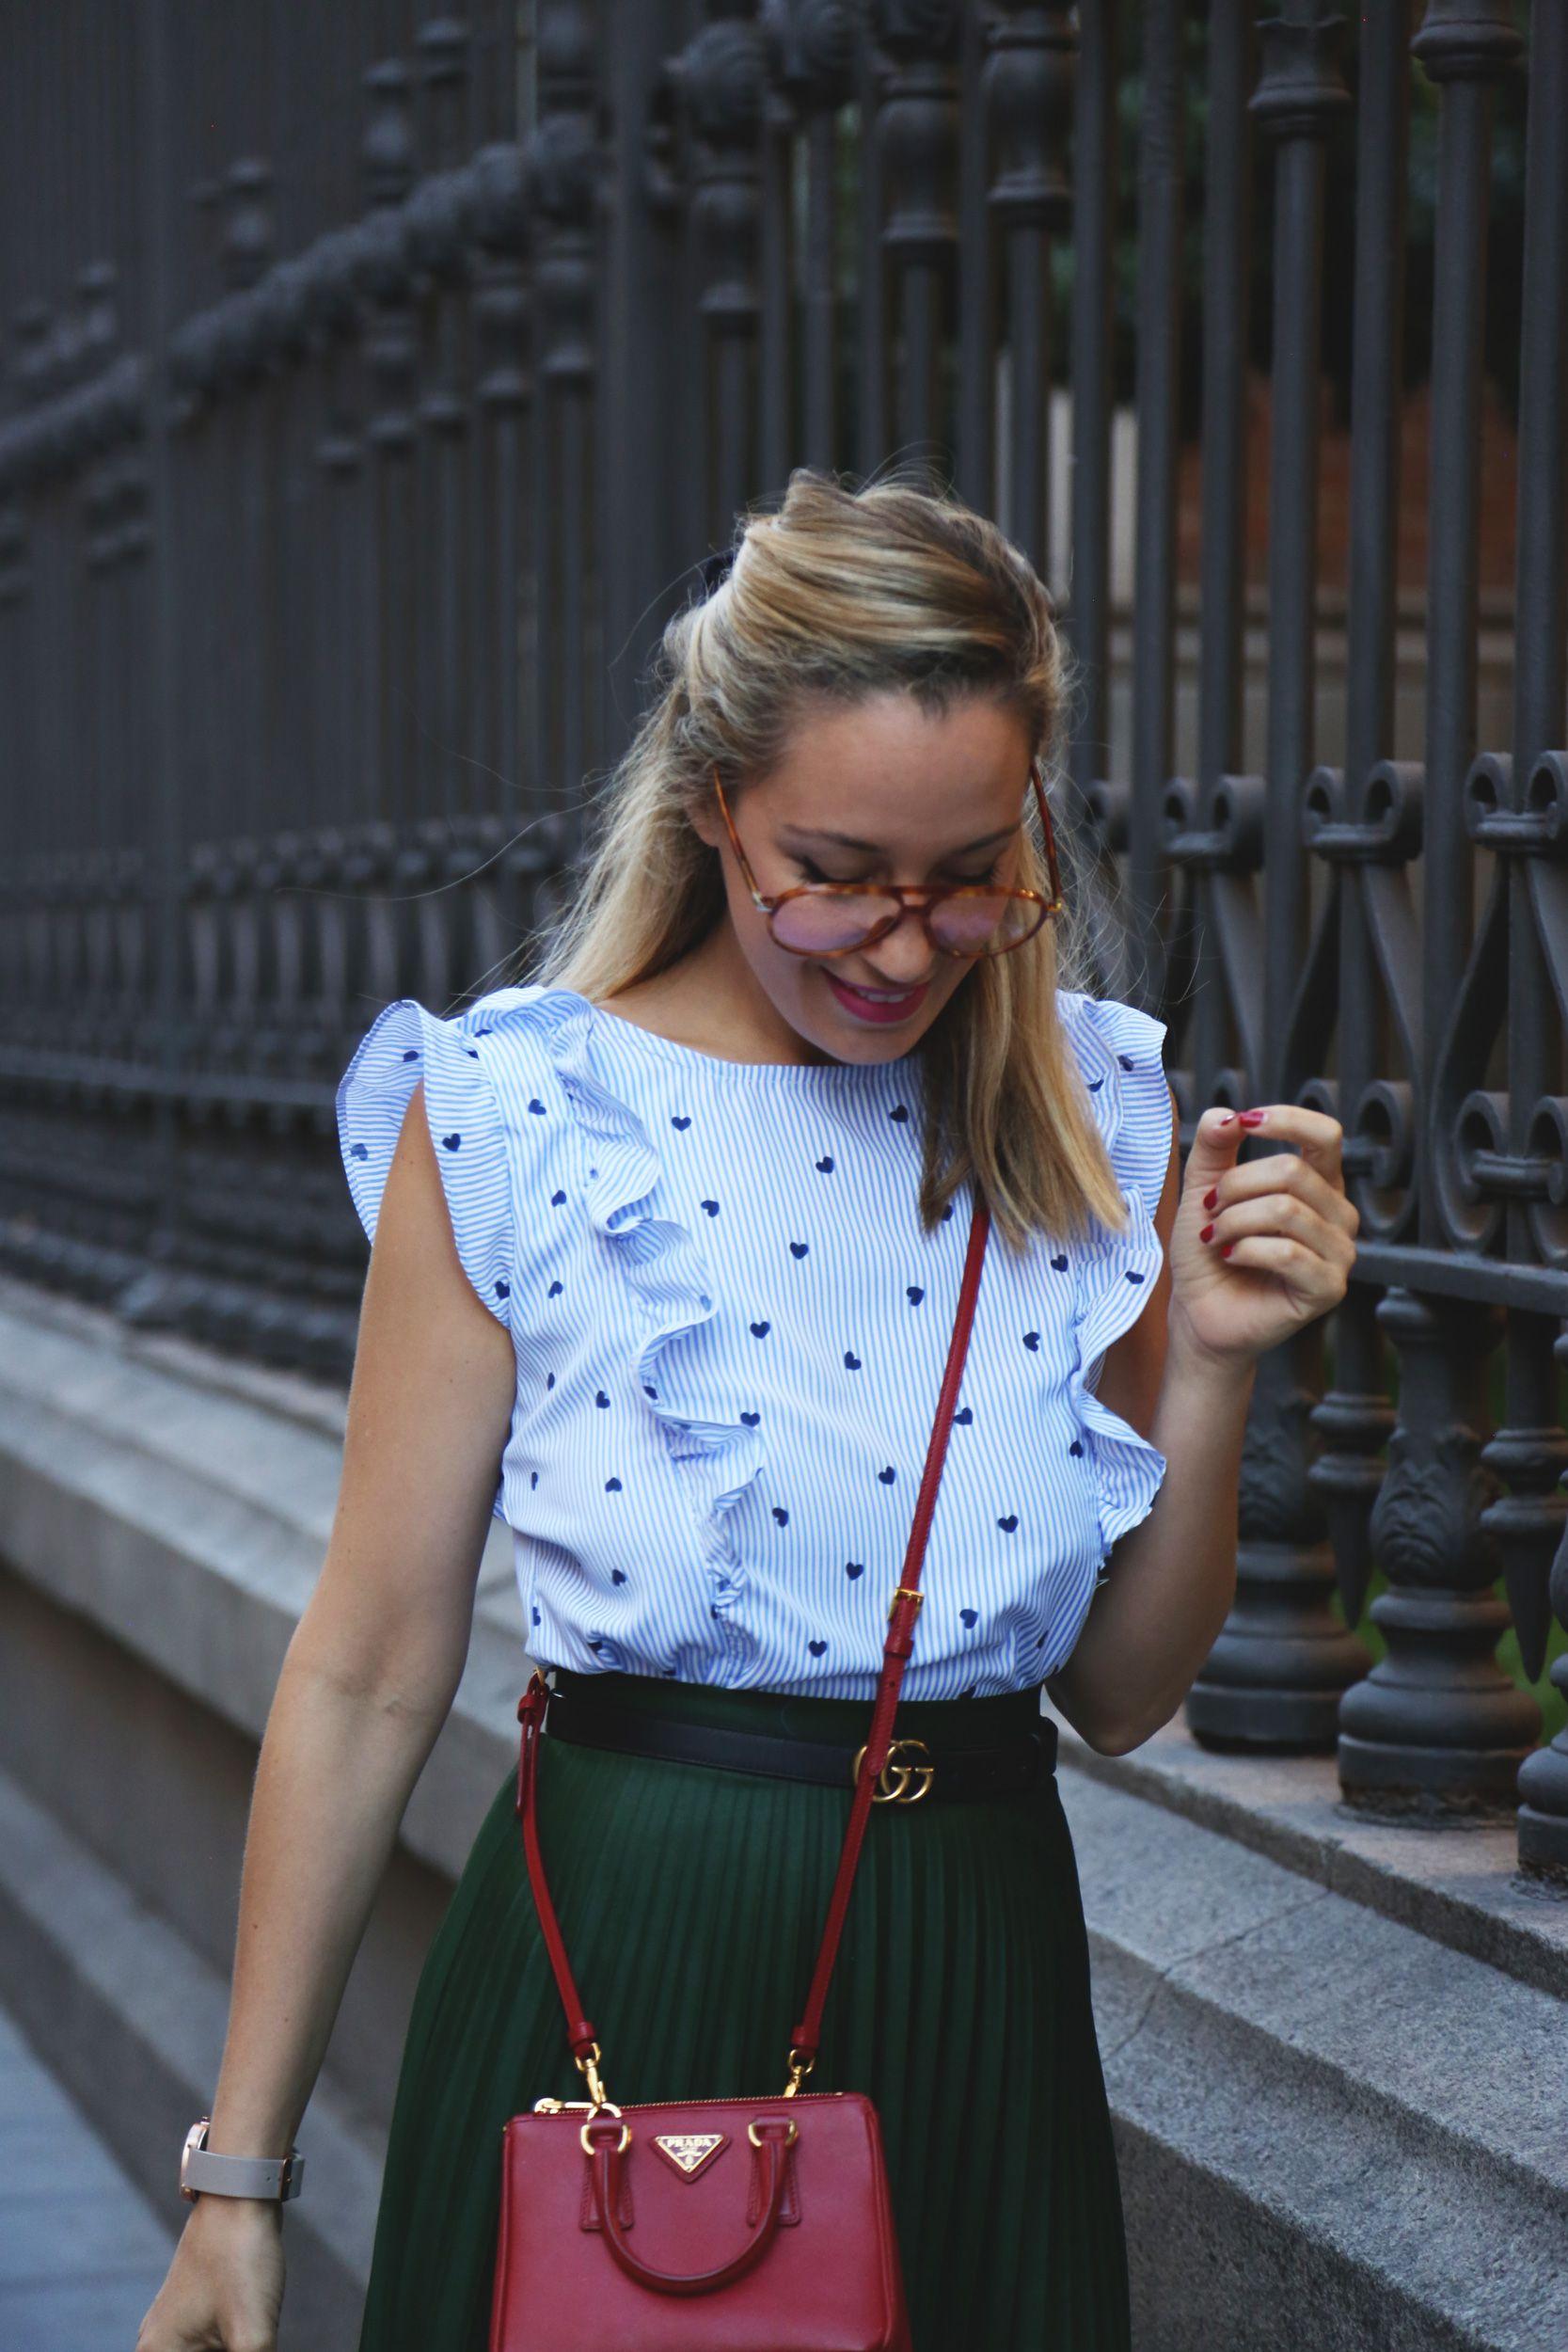 Un Post En Mi Blog De Moda Y Estilo De Vida Como Combinar Una Falda Plisada Verde En Un Look Para Ir A Trabajar Con Mini Bol Faldas Plisadas Moda Estilo